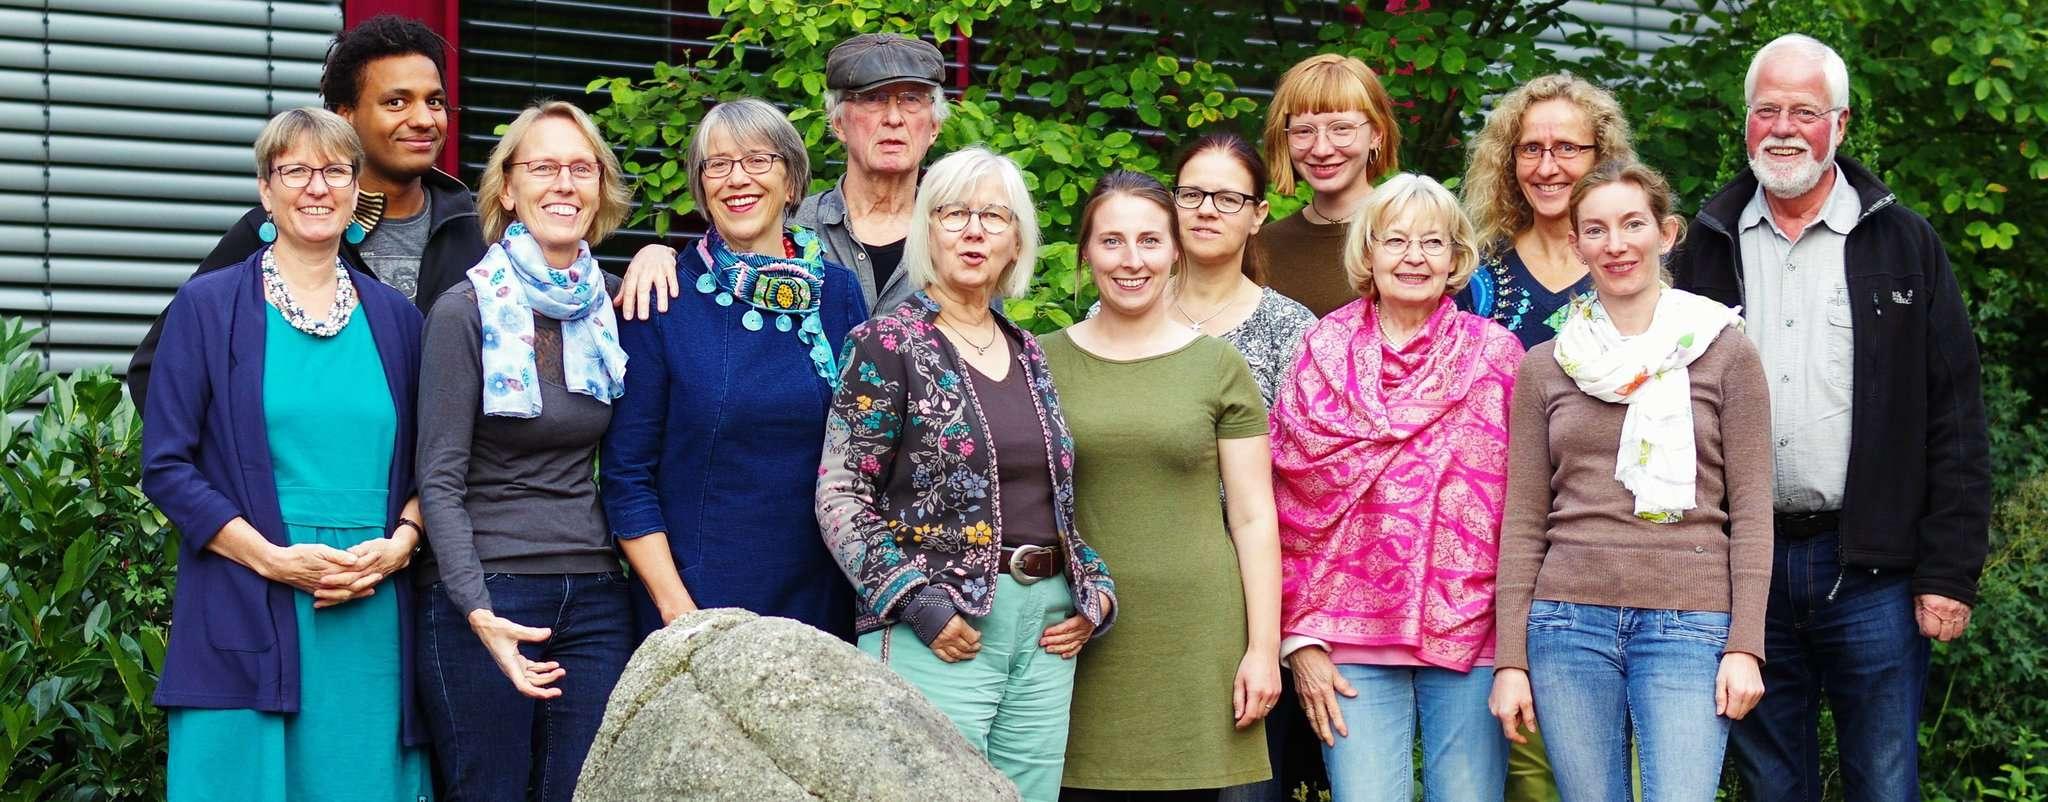 Die zwölf Chormitglieder im Alter zwischen 21 und 74 Jahren freuen sich auf neue Mitglieder.